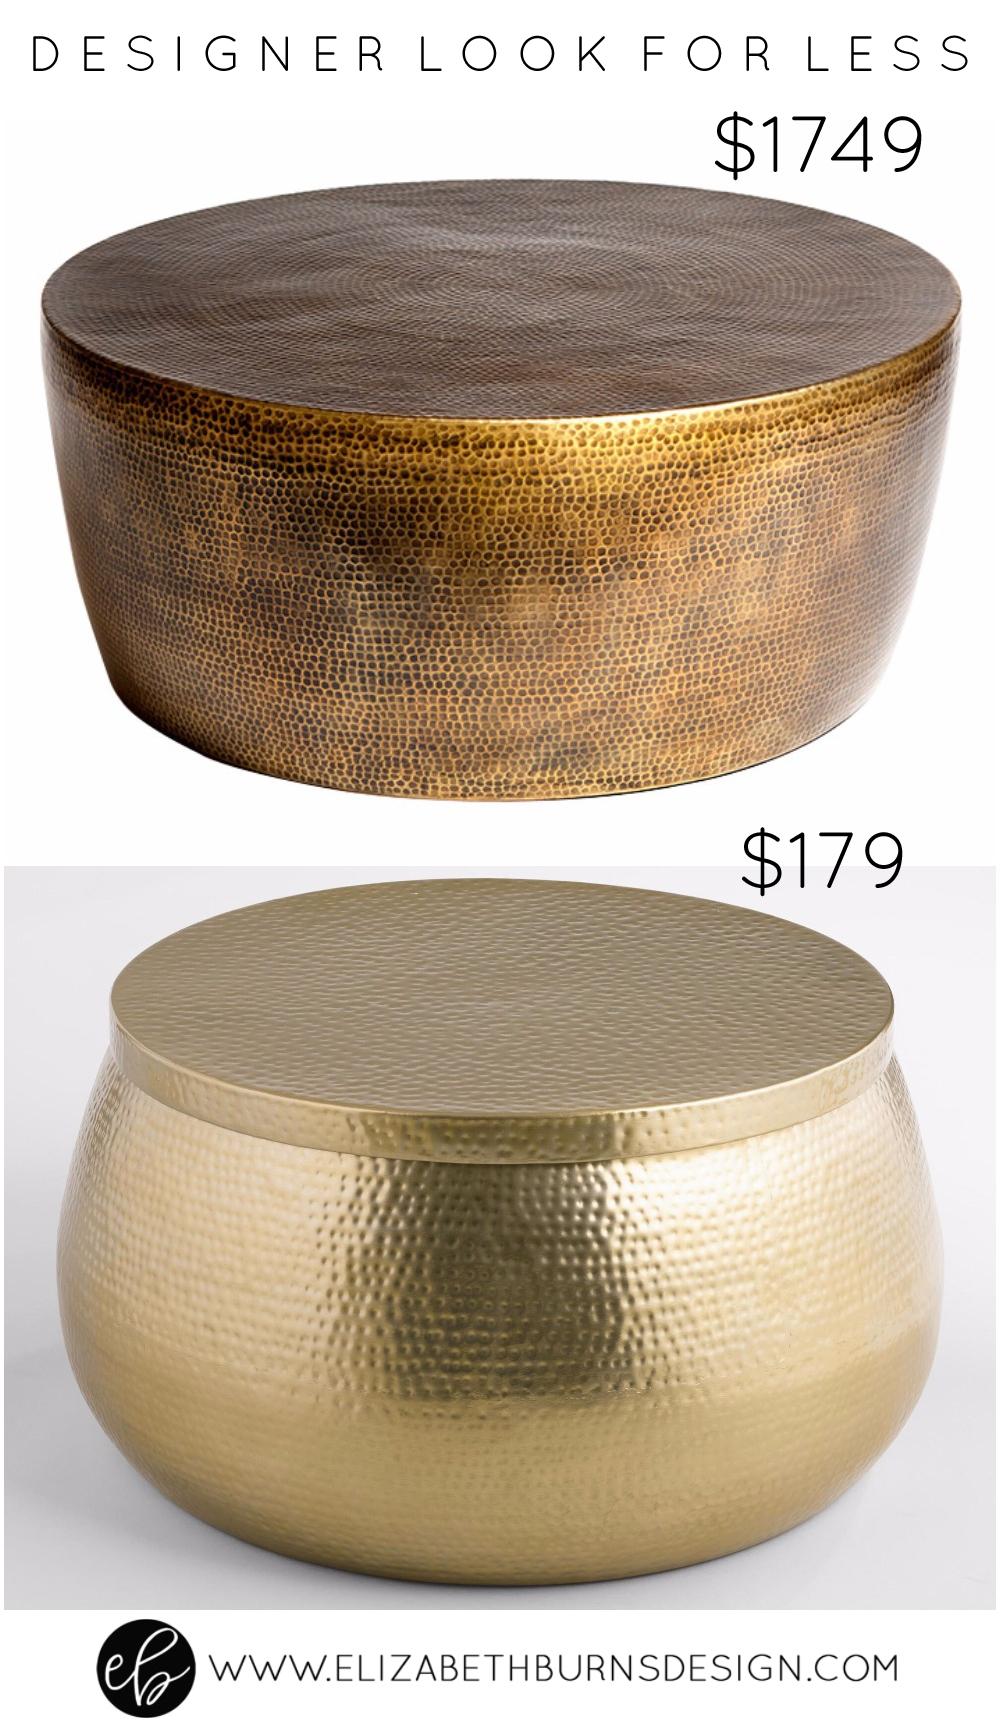 Elizabeth Burns Design | Designer Look For Less   Gold Hammered Coffee Or Cocktail  Table: